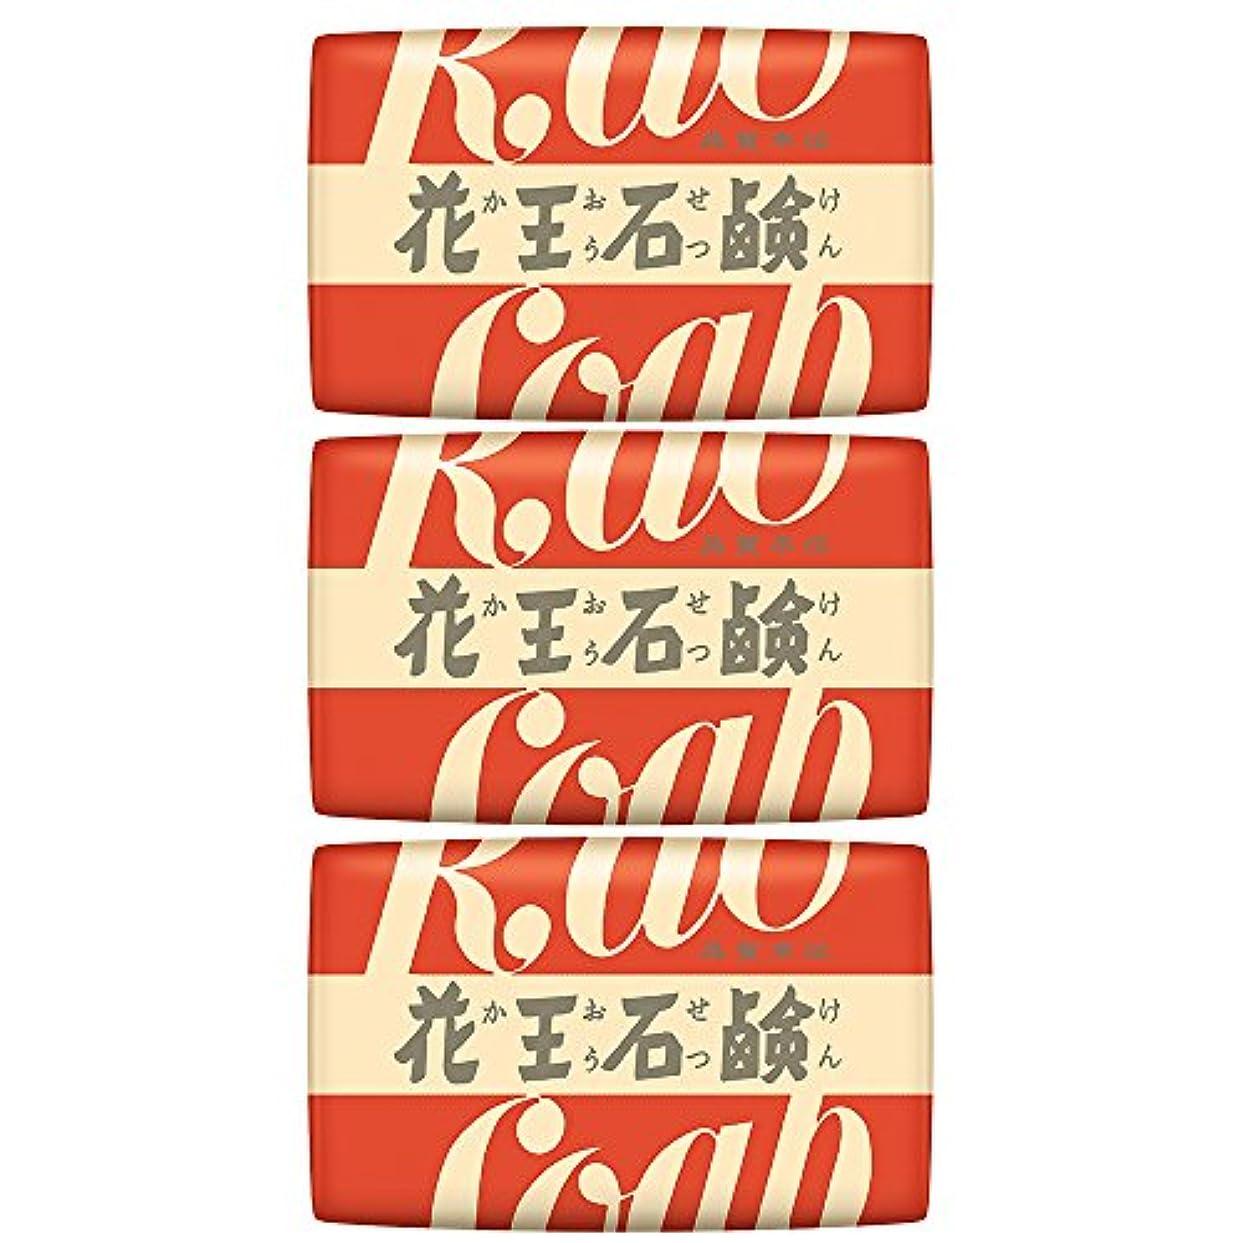 拍車ジャム人工花王ホワイト バスサイズ 3コパック 復刻デザインパッケージ